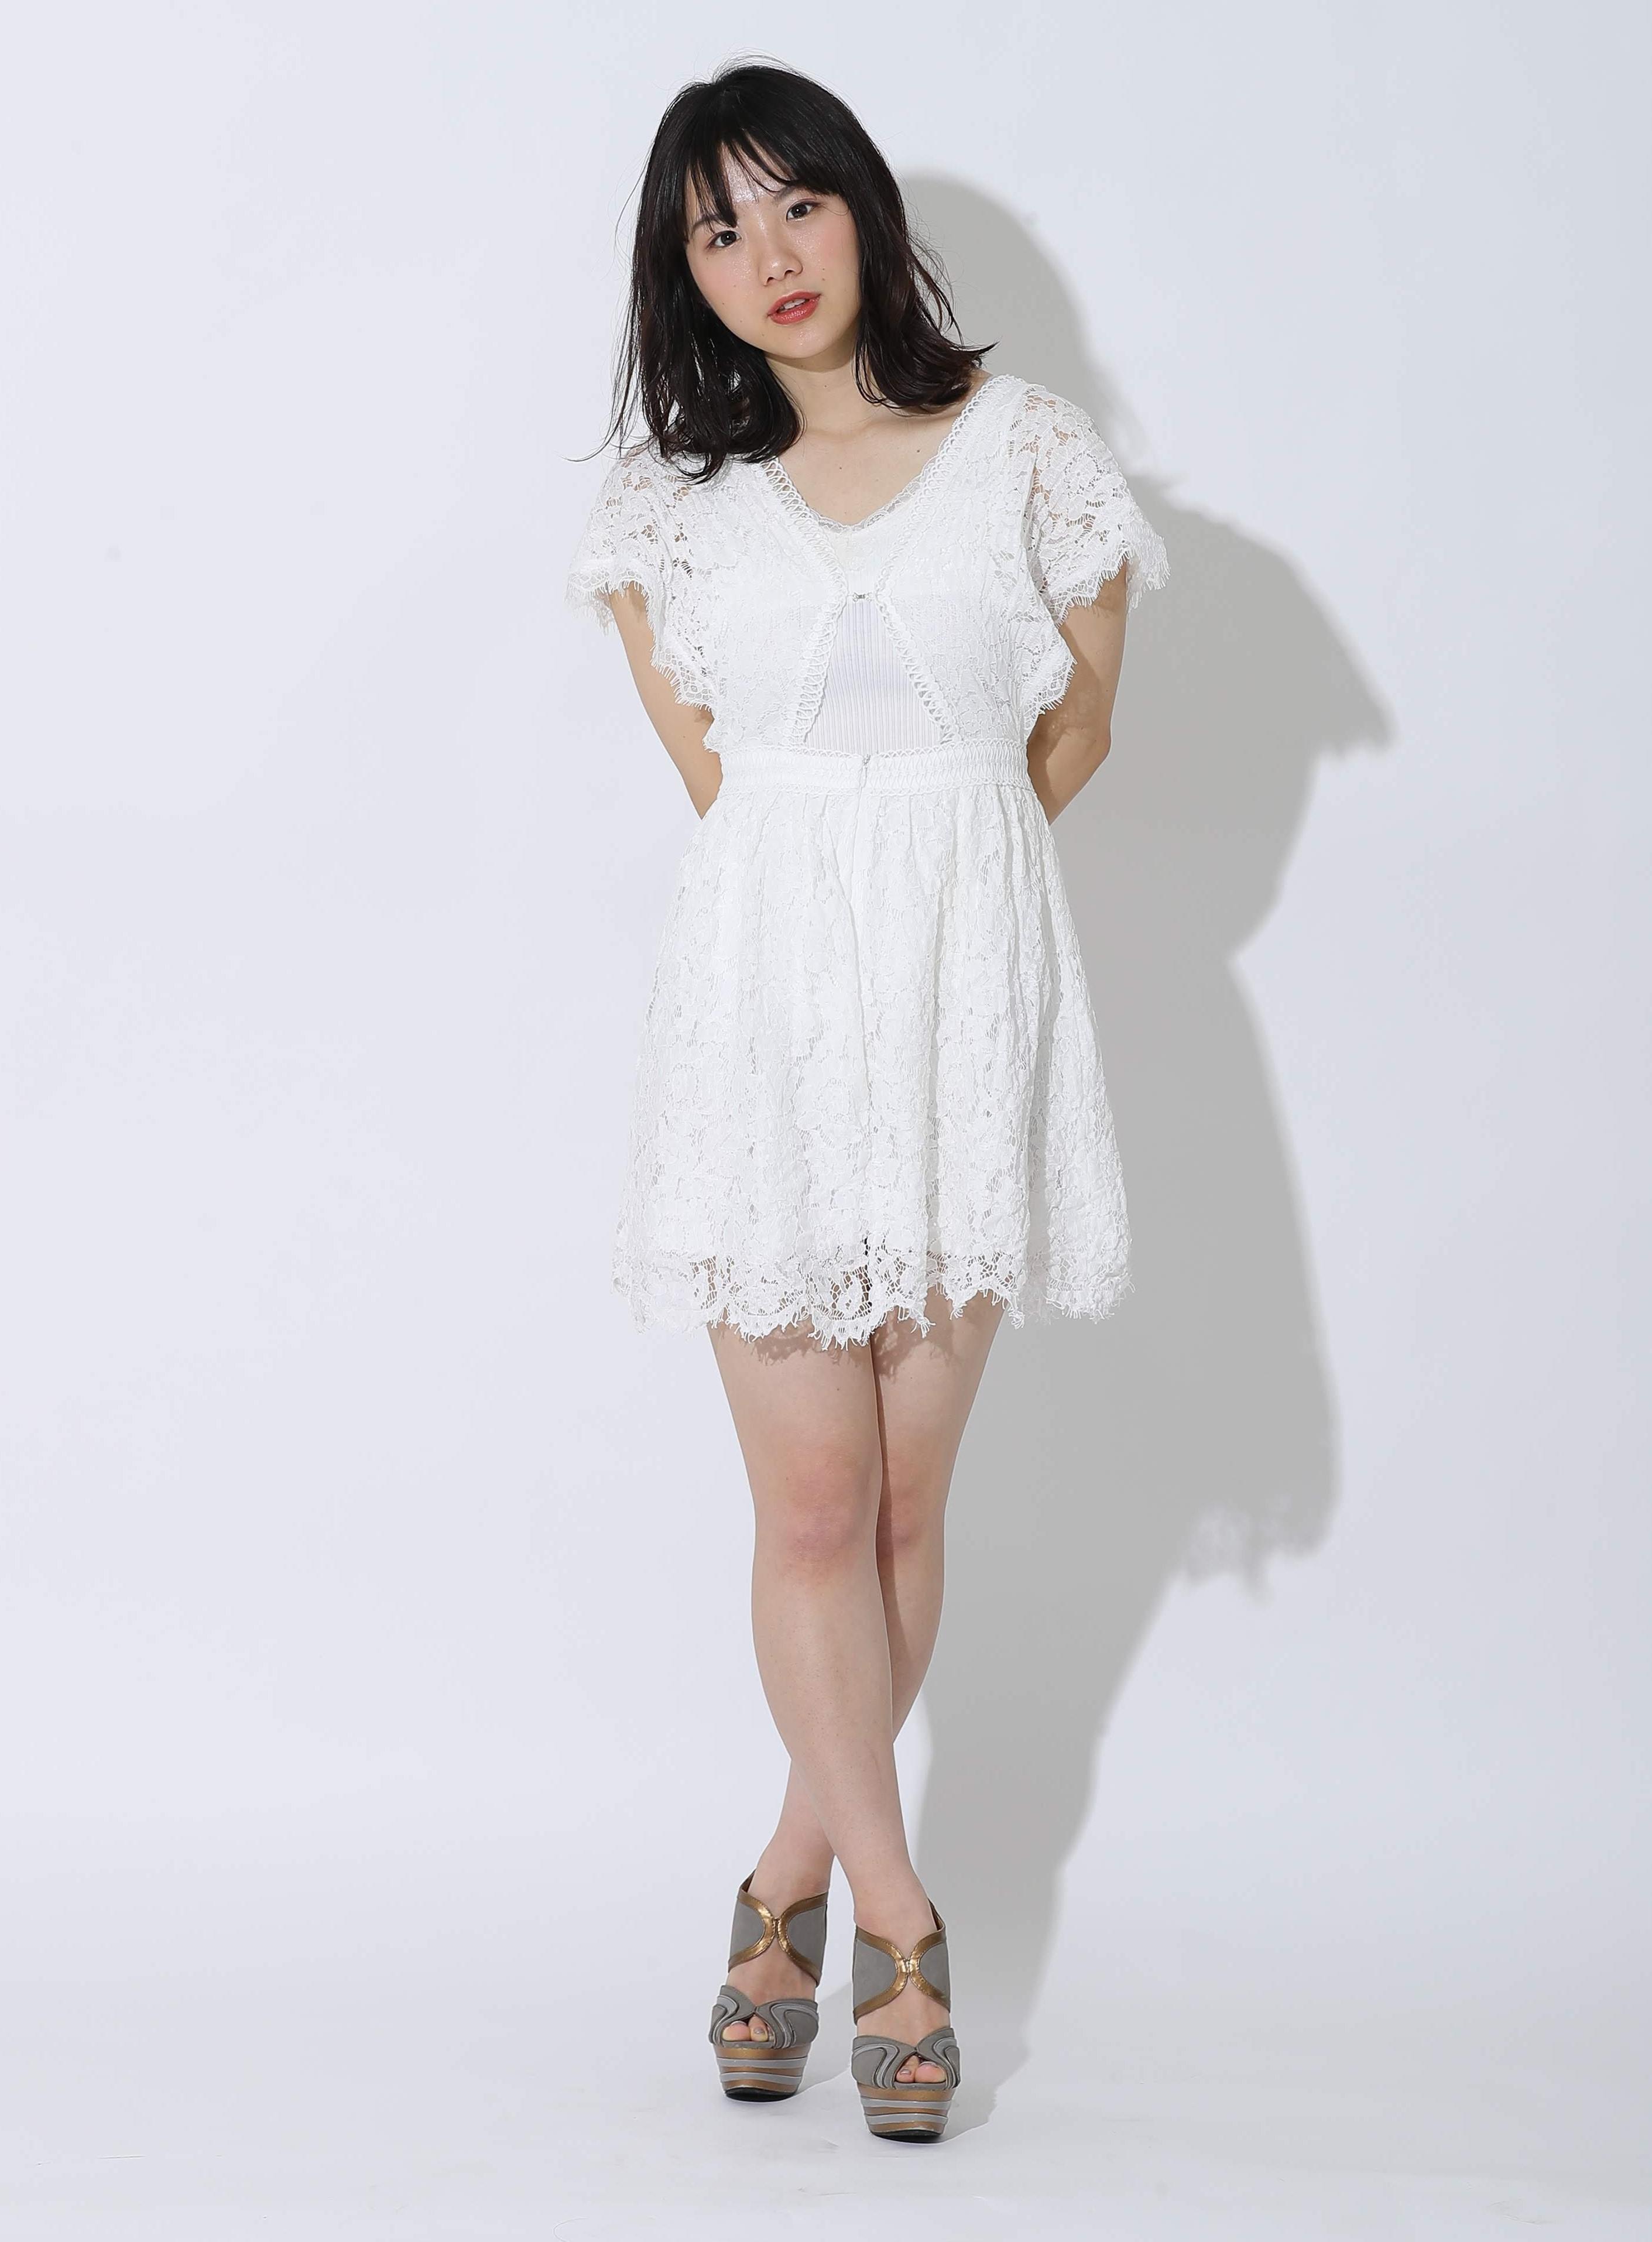 モデル赤谷更紗